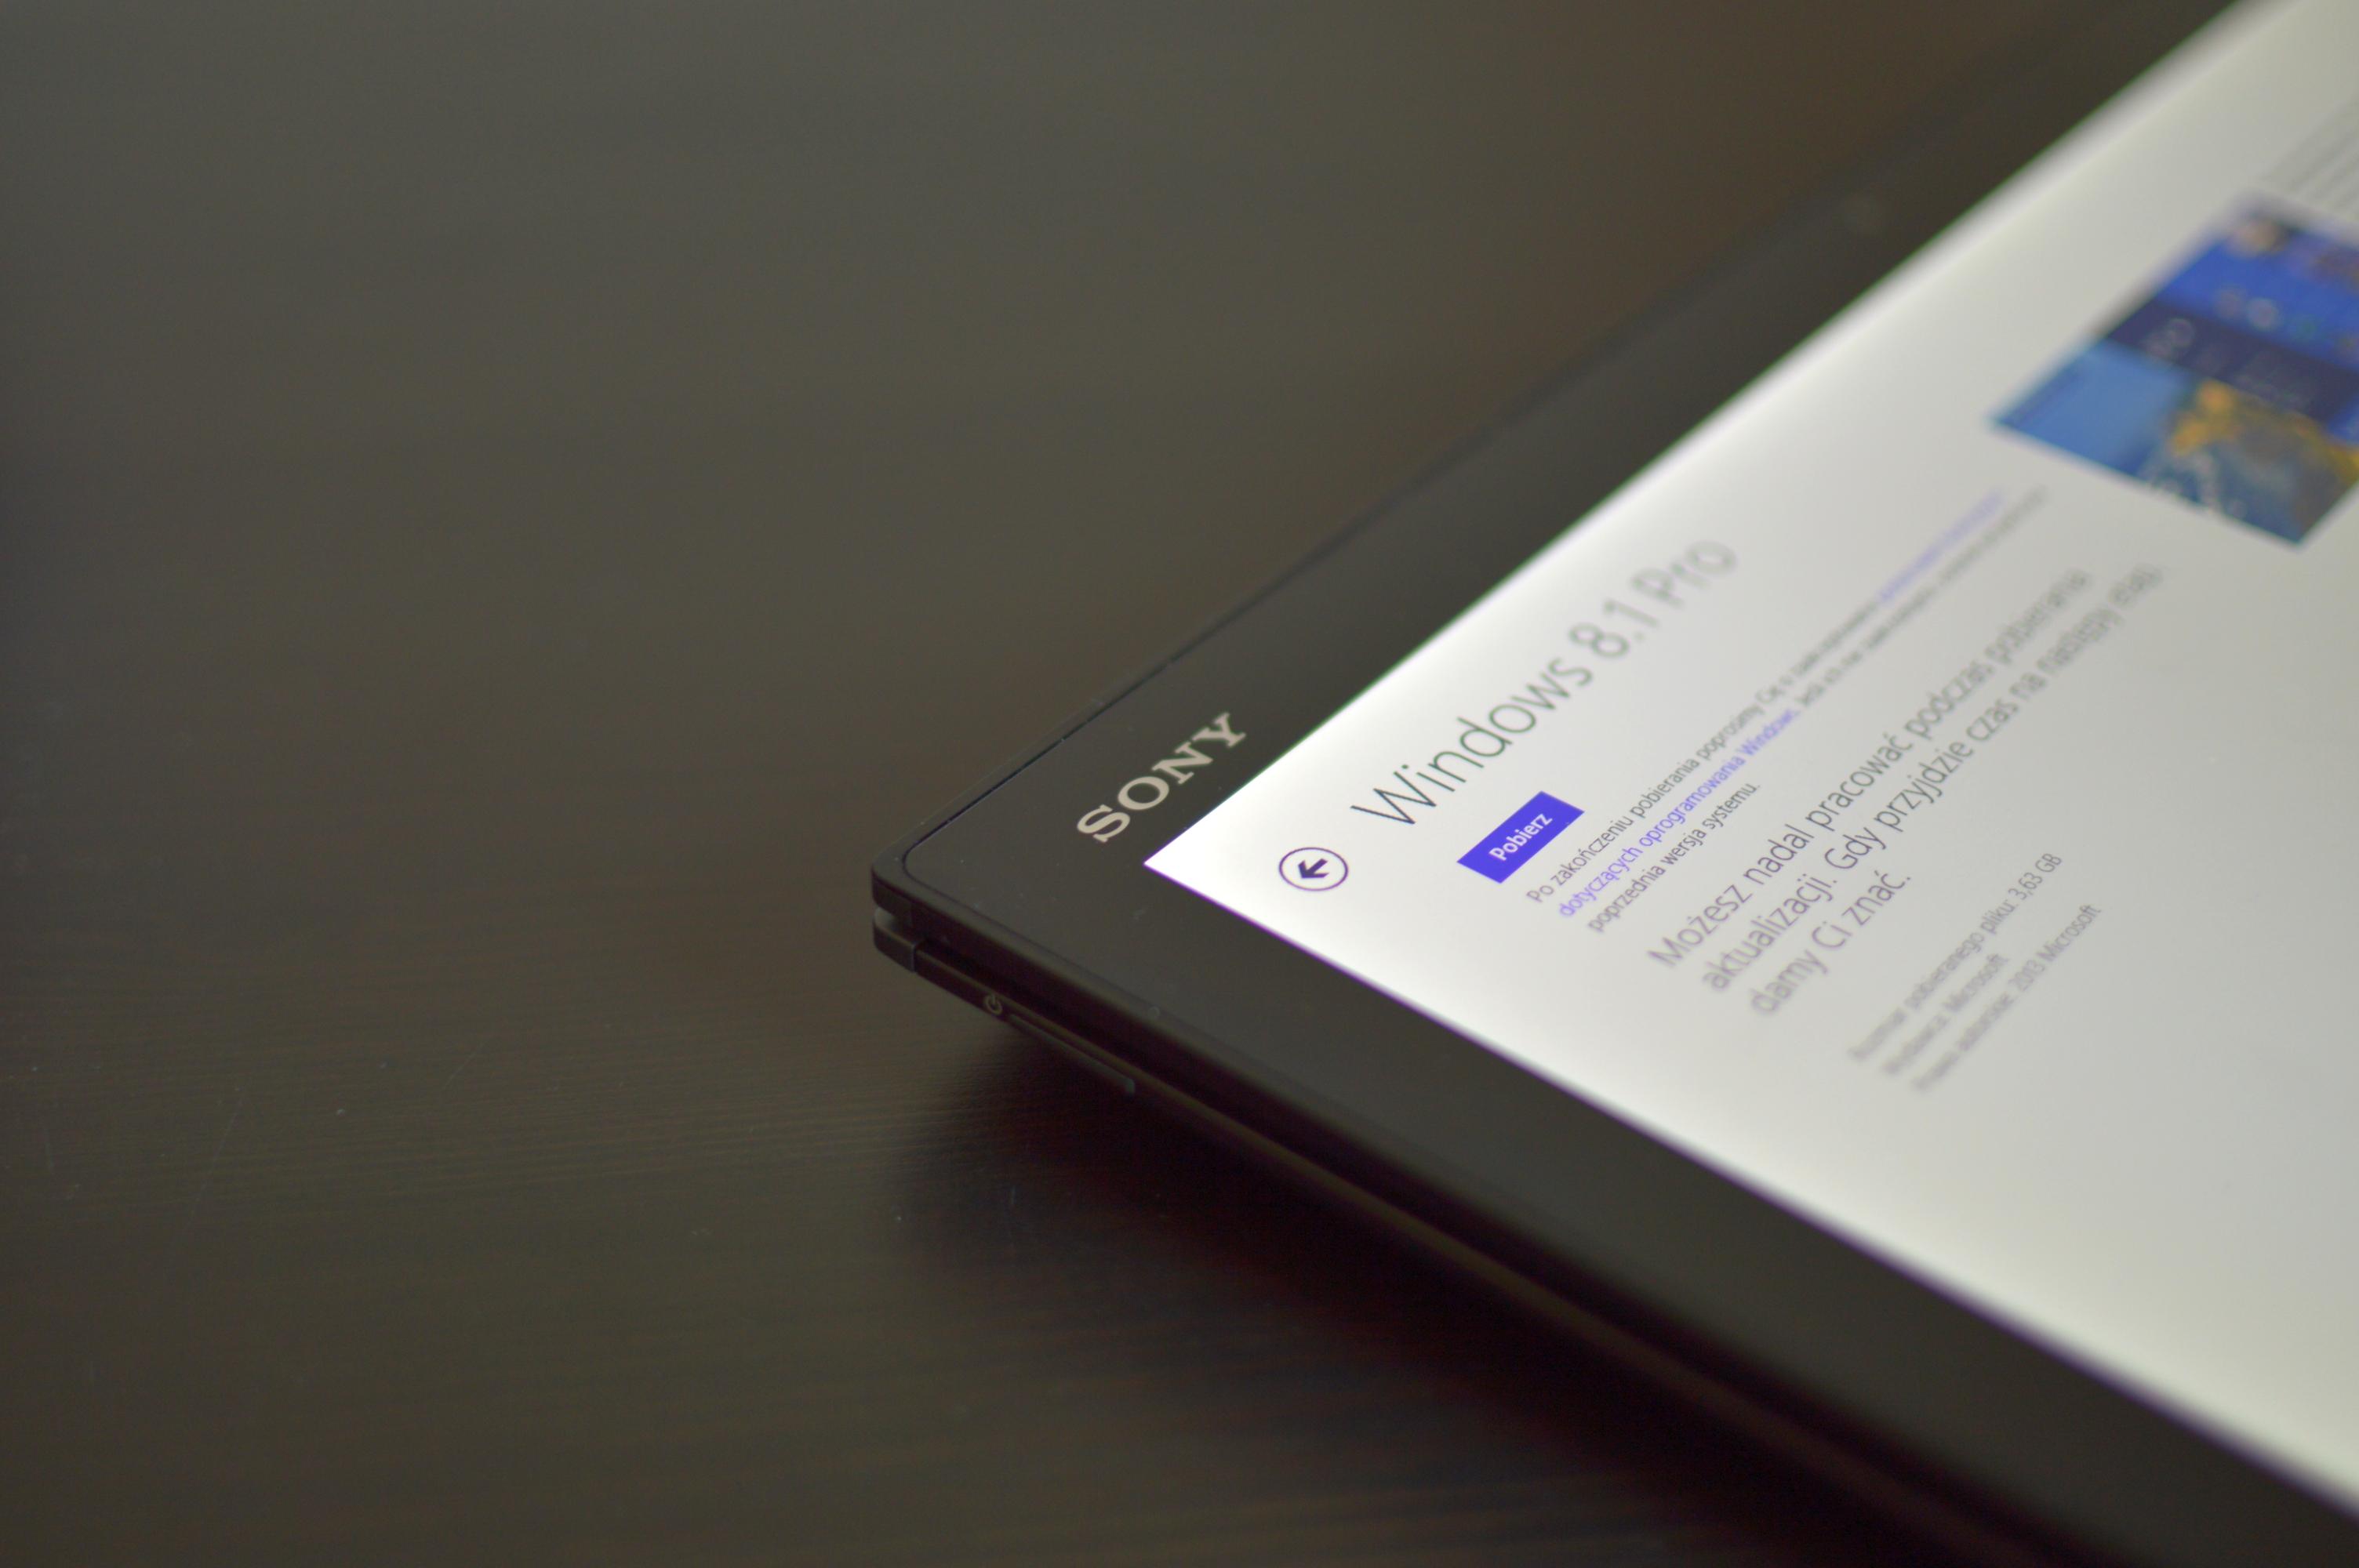 Sony Vaio Duo 13 – połączenie idealne zalet… i wad – recenzja Spider's Web